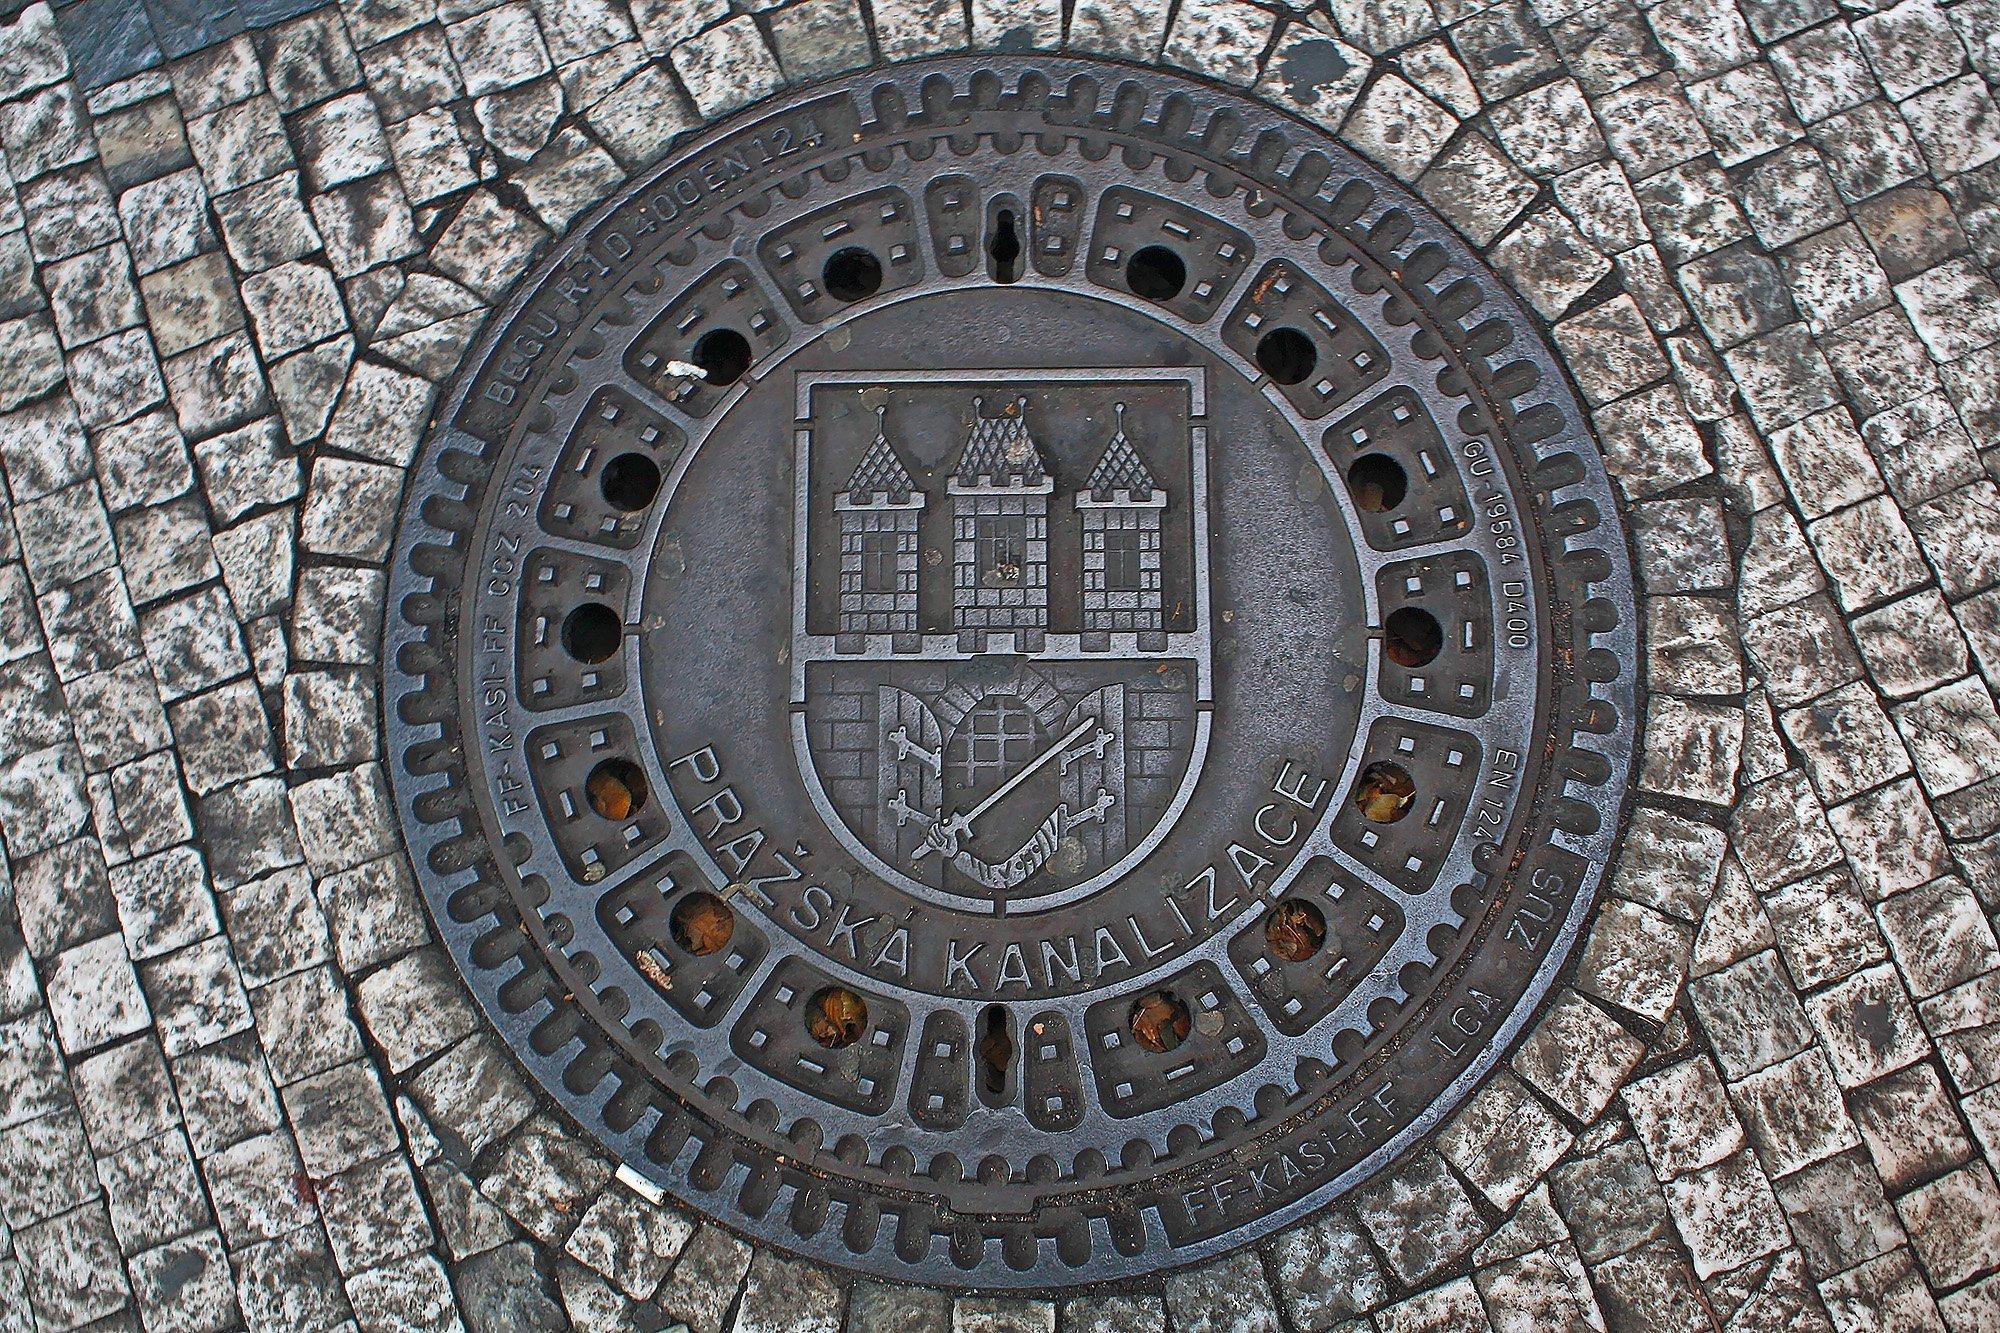 Prague manhole cover